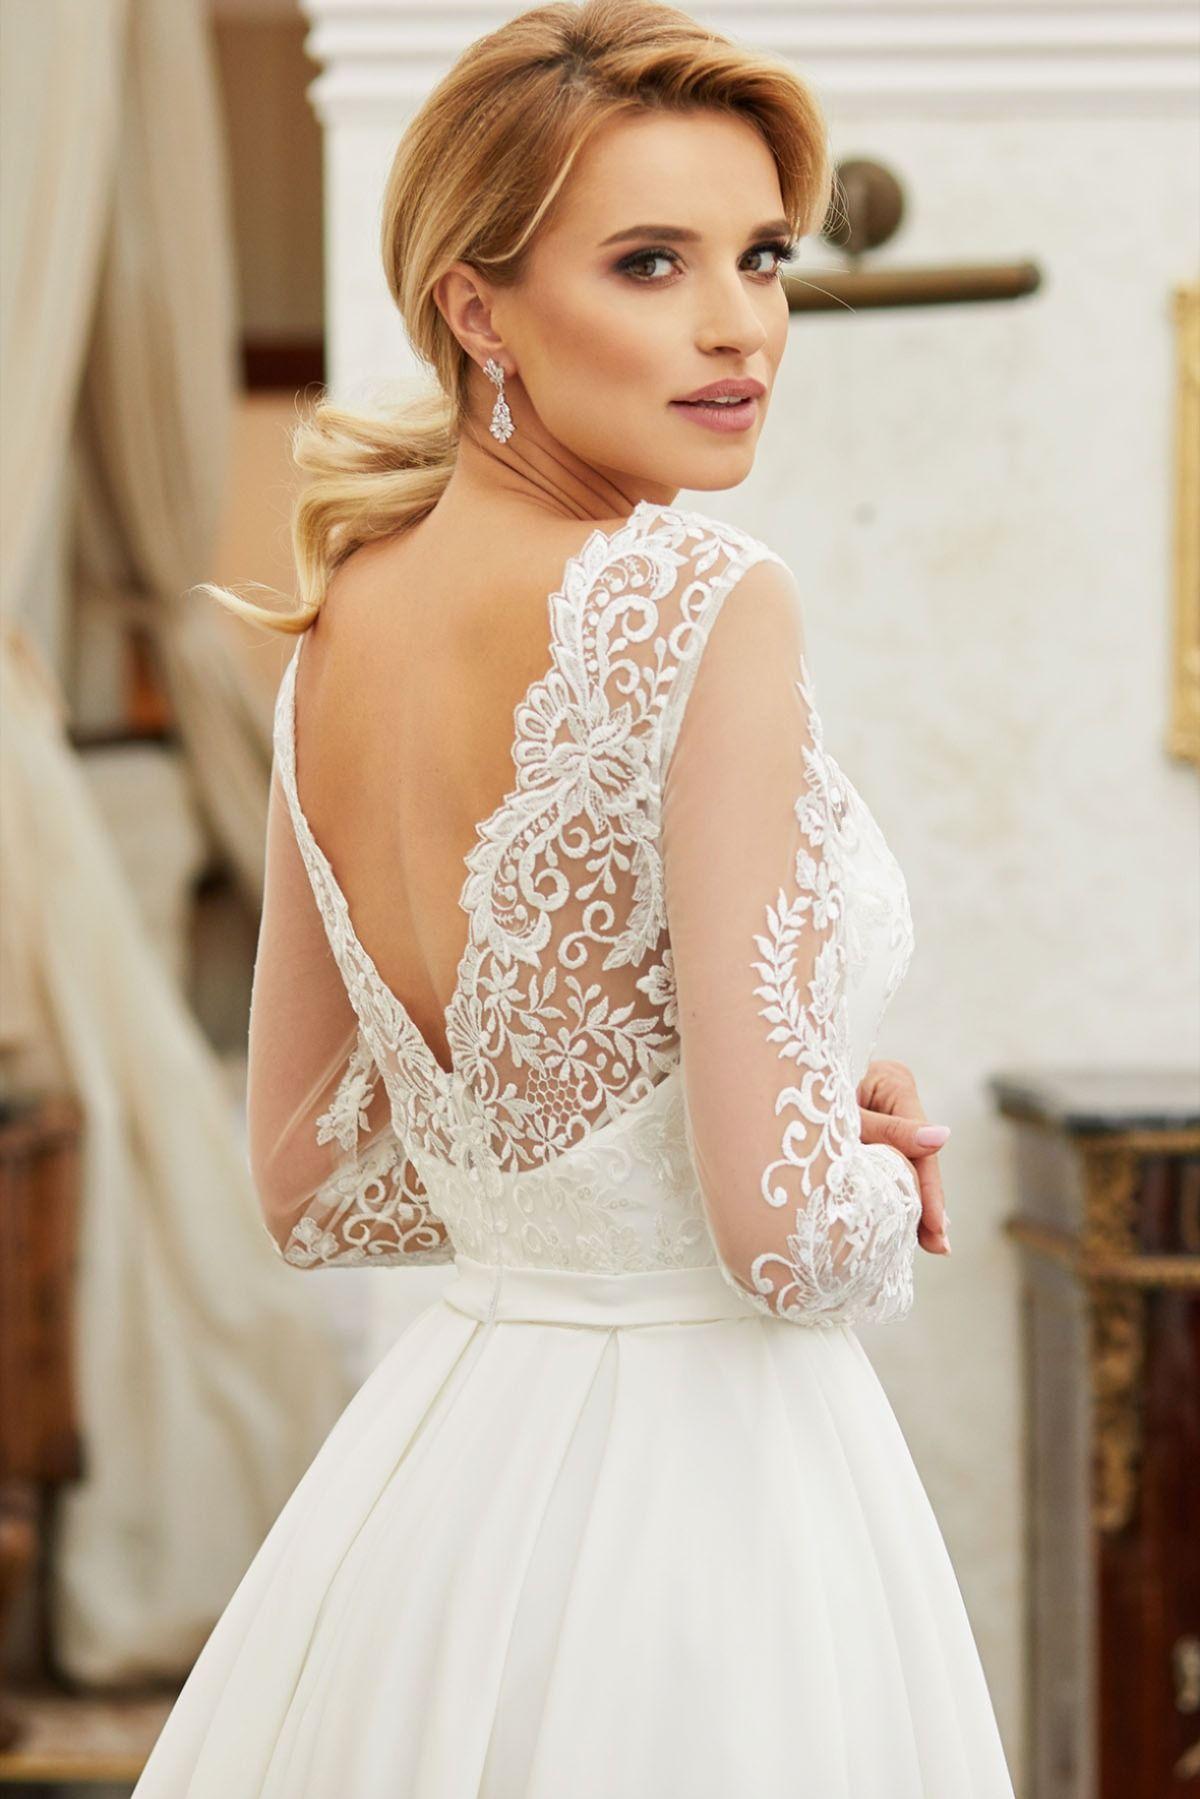 Asymetryczna Suknia Slubna Z Dlugim Rekawem Gracja I Pracownia Sukien Dama Couture Z Warszawy 2020 Wedding Dresses Trendy Wedding Dresses Dresses